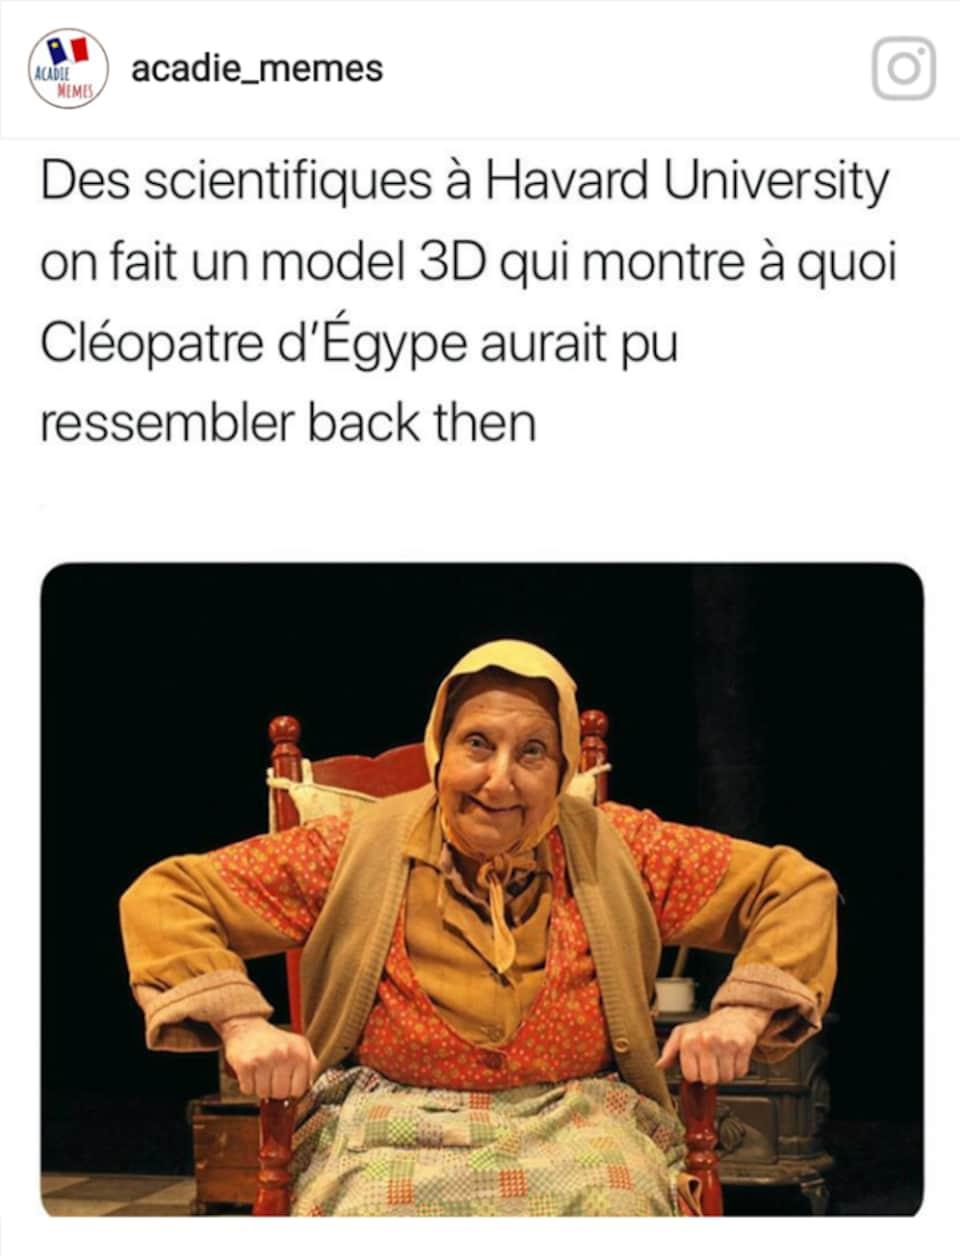 Un mème compare la Sagouine à ce à quoi pouvait ressembler la reine Cléopâtre en Égypte ancienne.